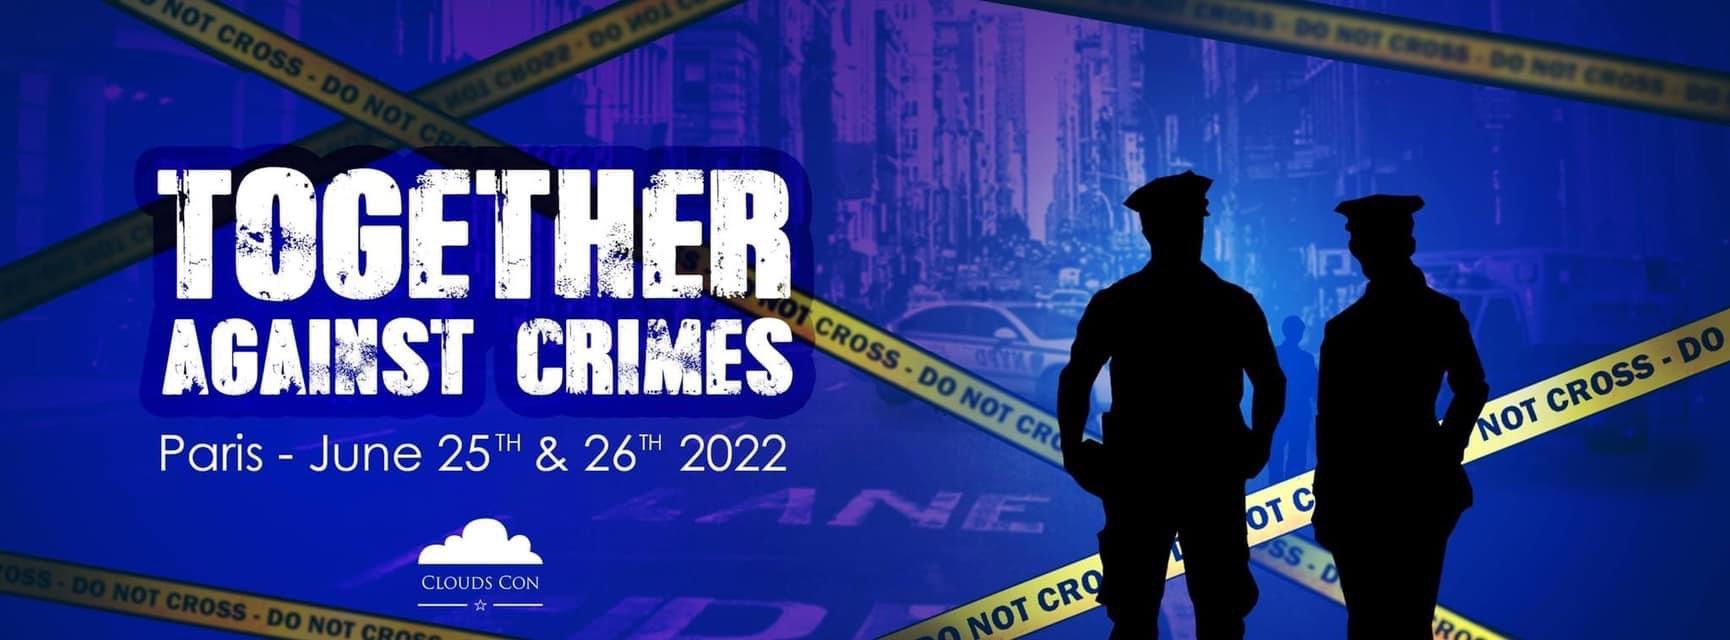 Together Against Crimes